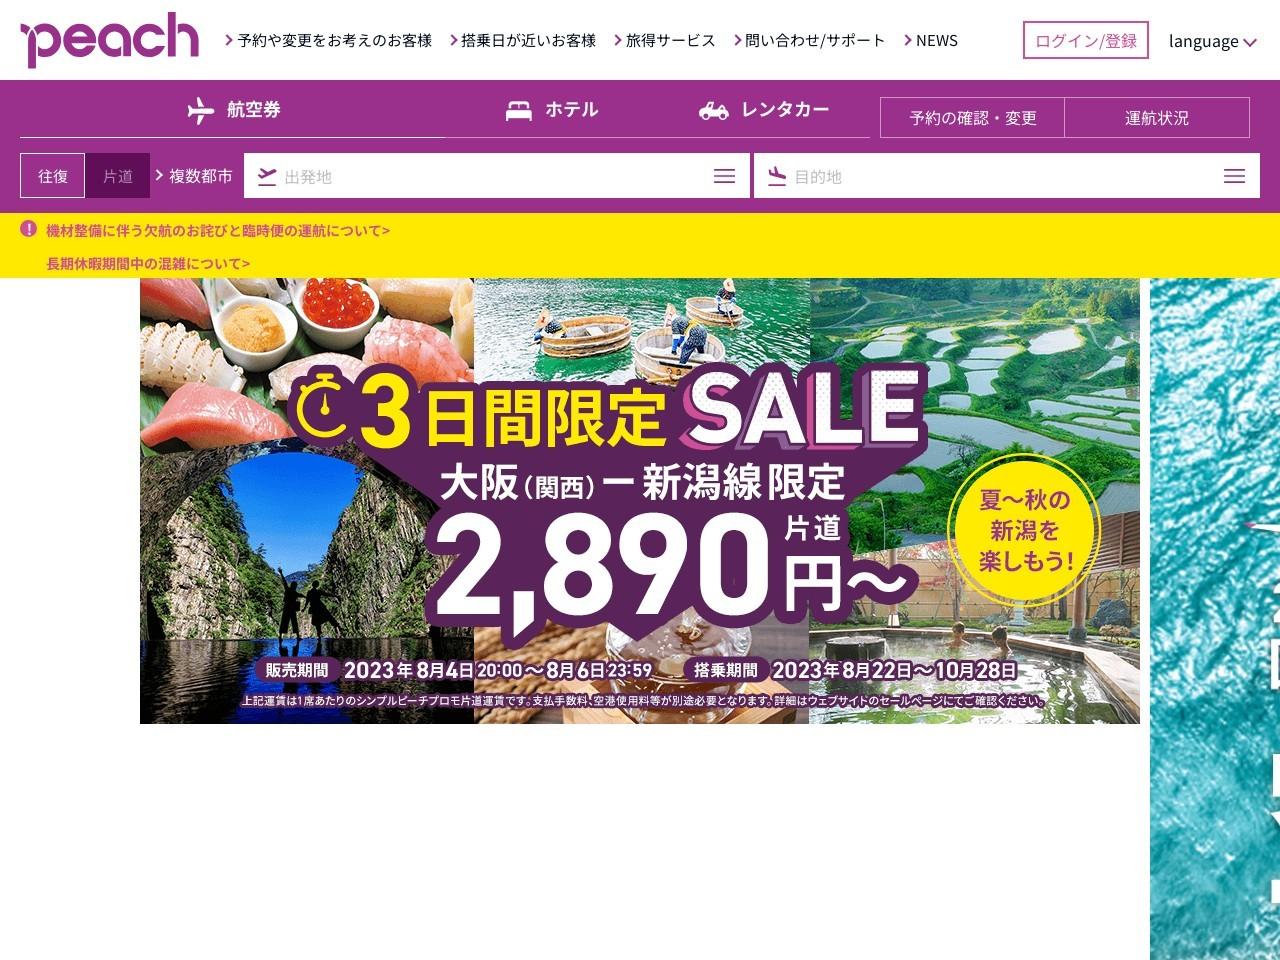 https://www.flypeach.com/pc/jp/um/specials/sale/sale